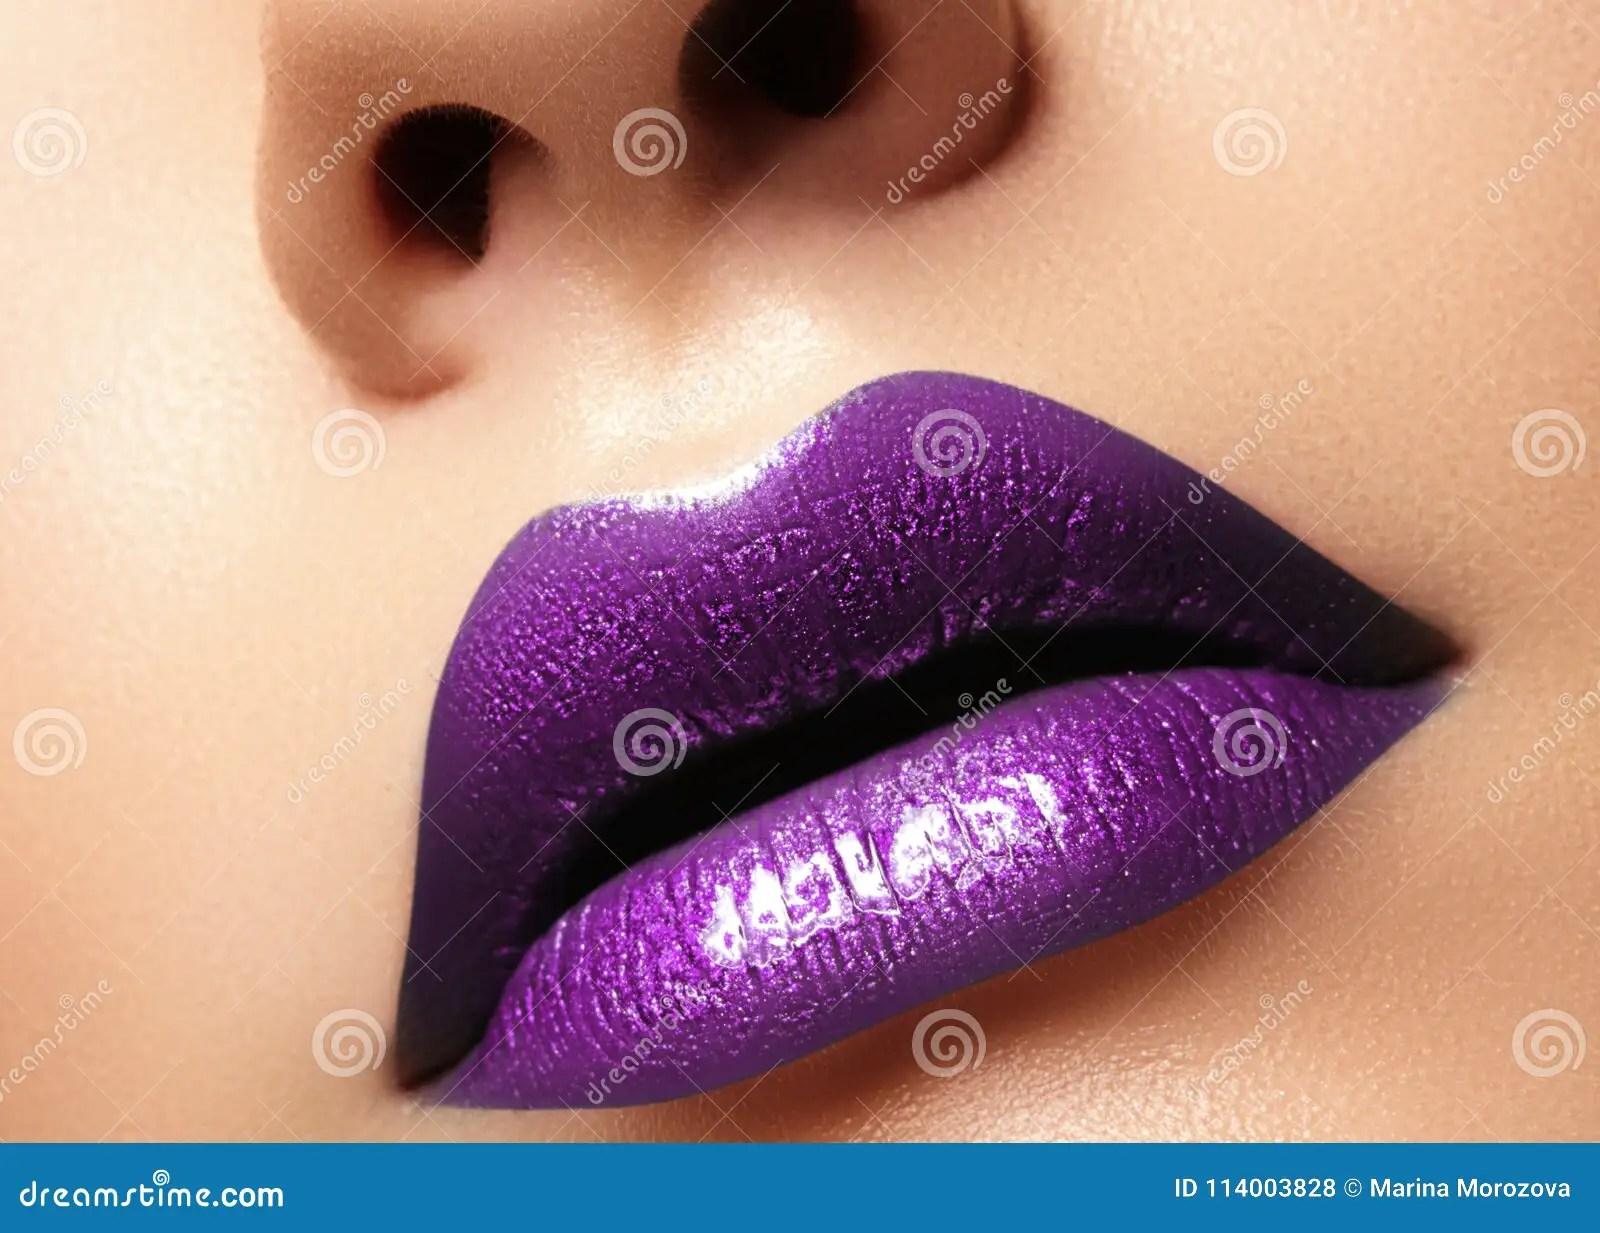 glamour purple gloss lips